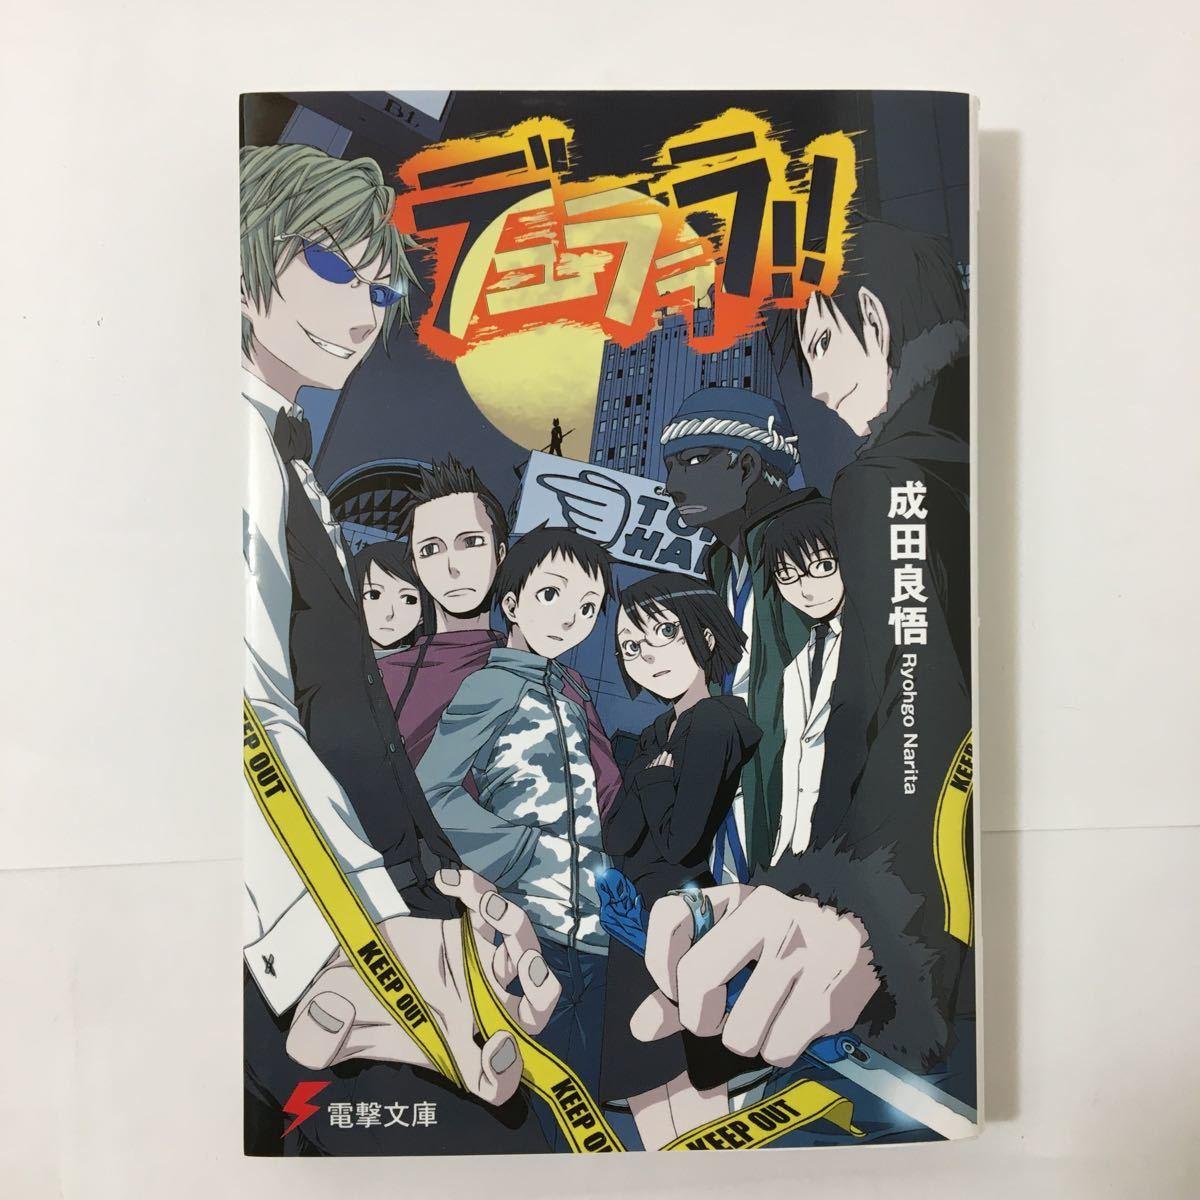 zaa-31★デュラララ!! (電撃文庫) 成田 良悟 (著), ヤスダ スズヒト (イラスト)1~3巻 3冊セット